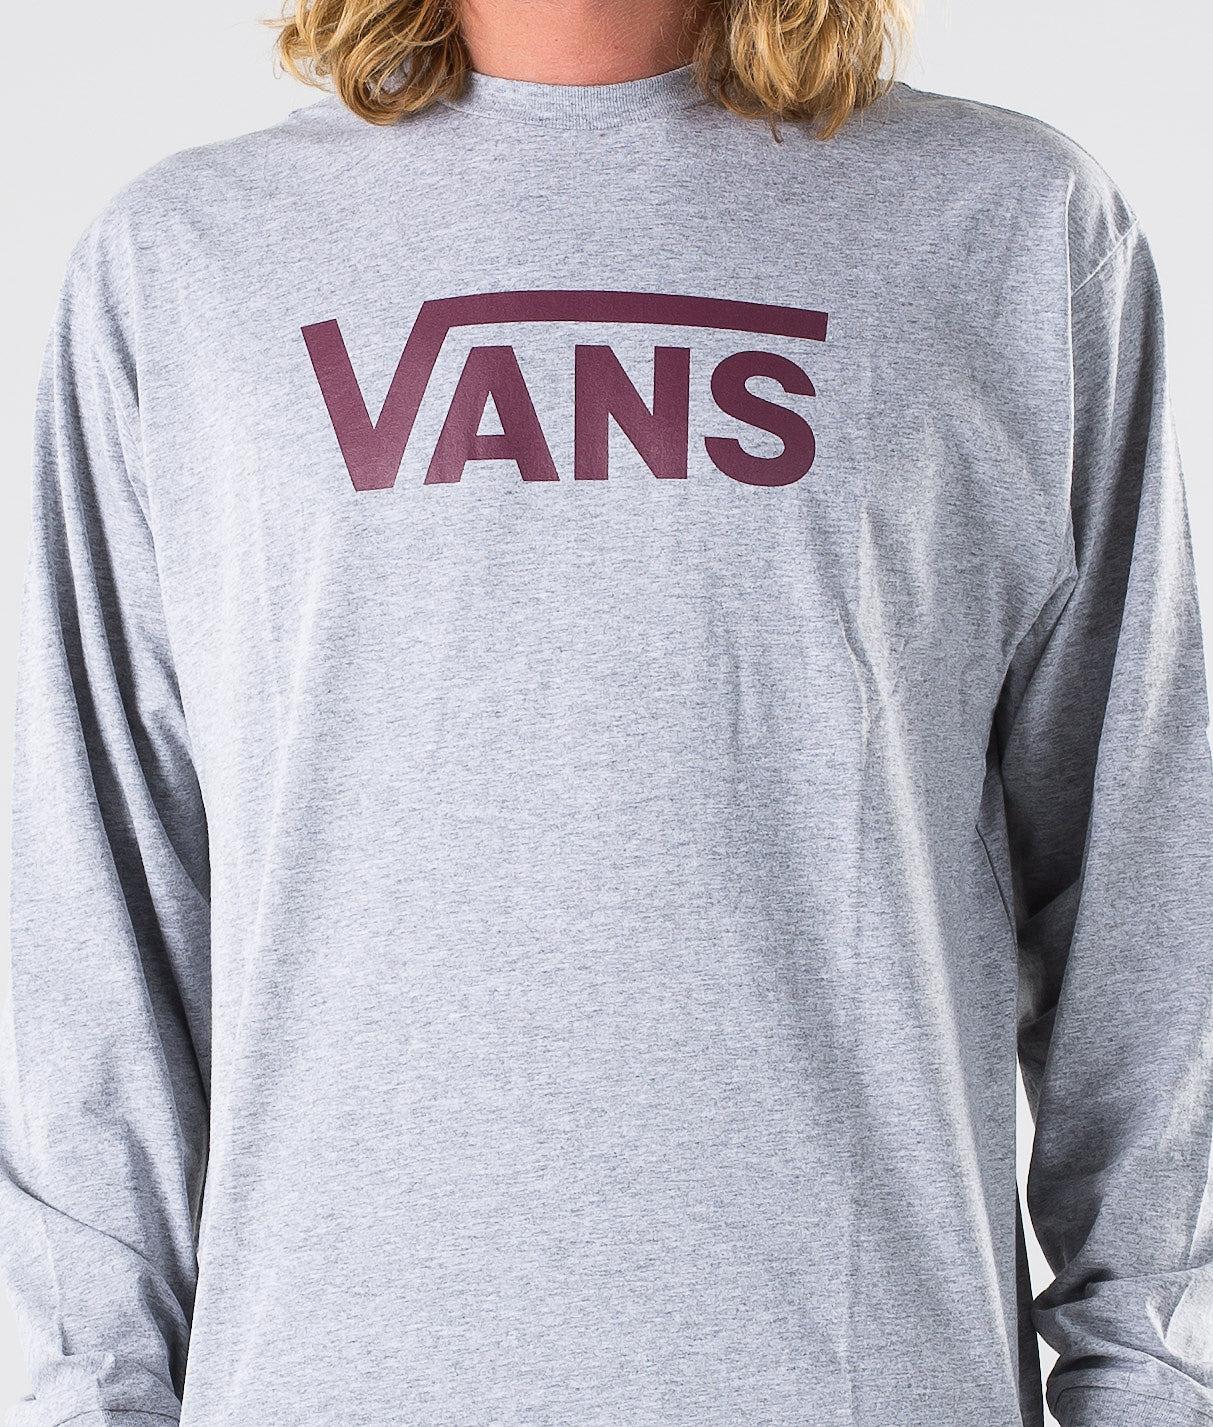 Kjøp Vans Classic Longsleeve fra Vans på Ridestore.no - Hos oss har du alltid fri frakt, fri retur og 30 dagers åpent kjøp!